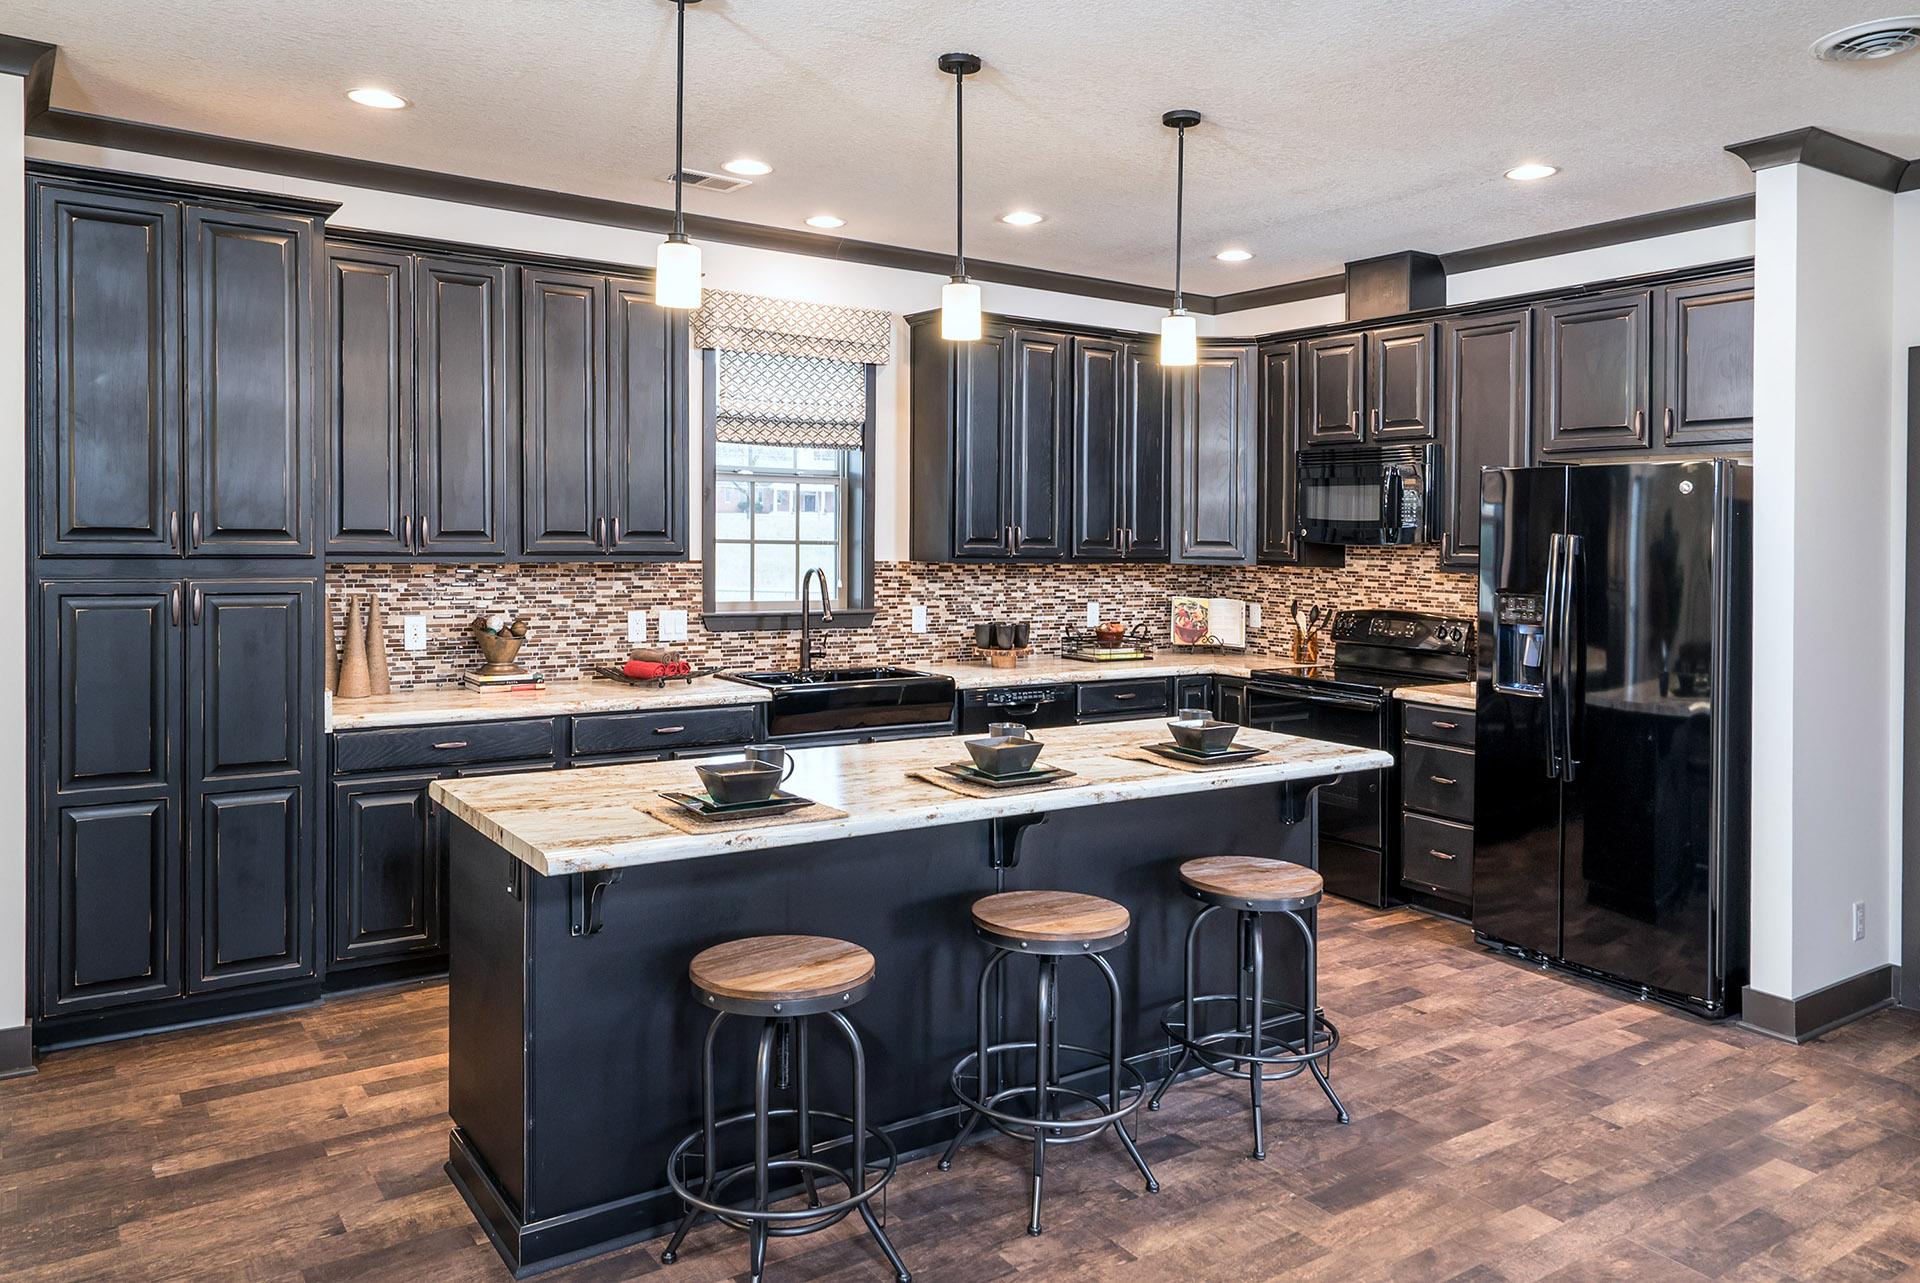 model home clearance pratt homes. Black Bedroom Furniture Sets. Home Design Ideas